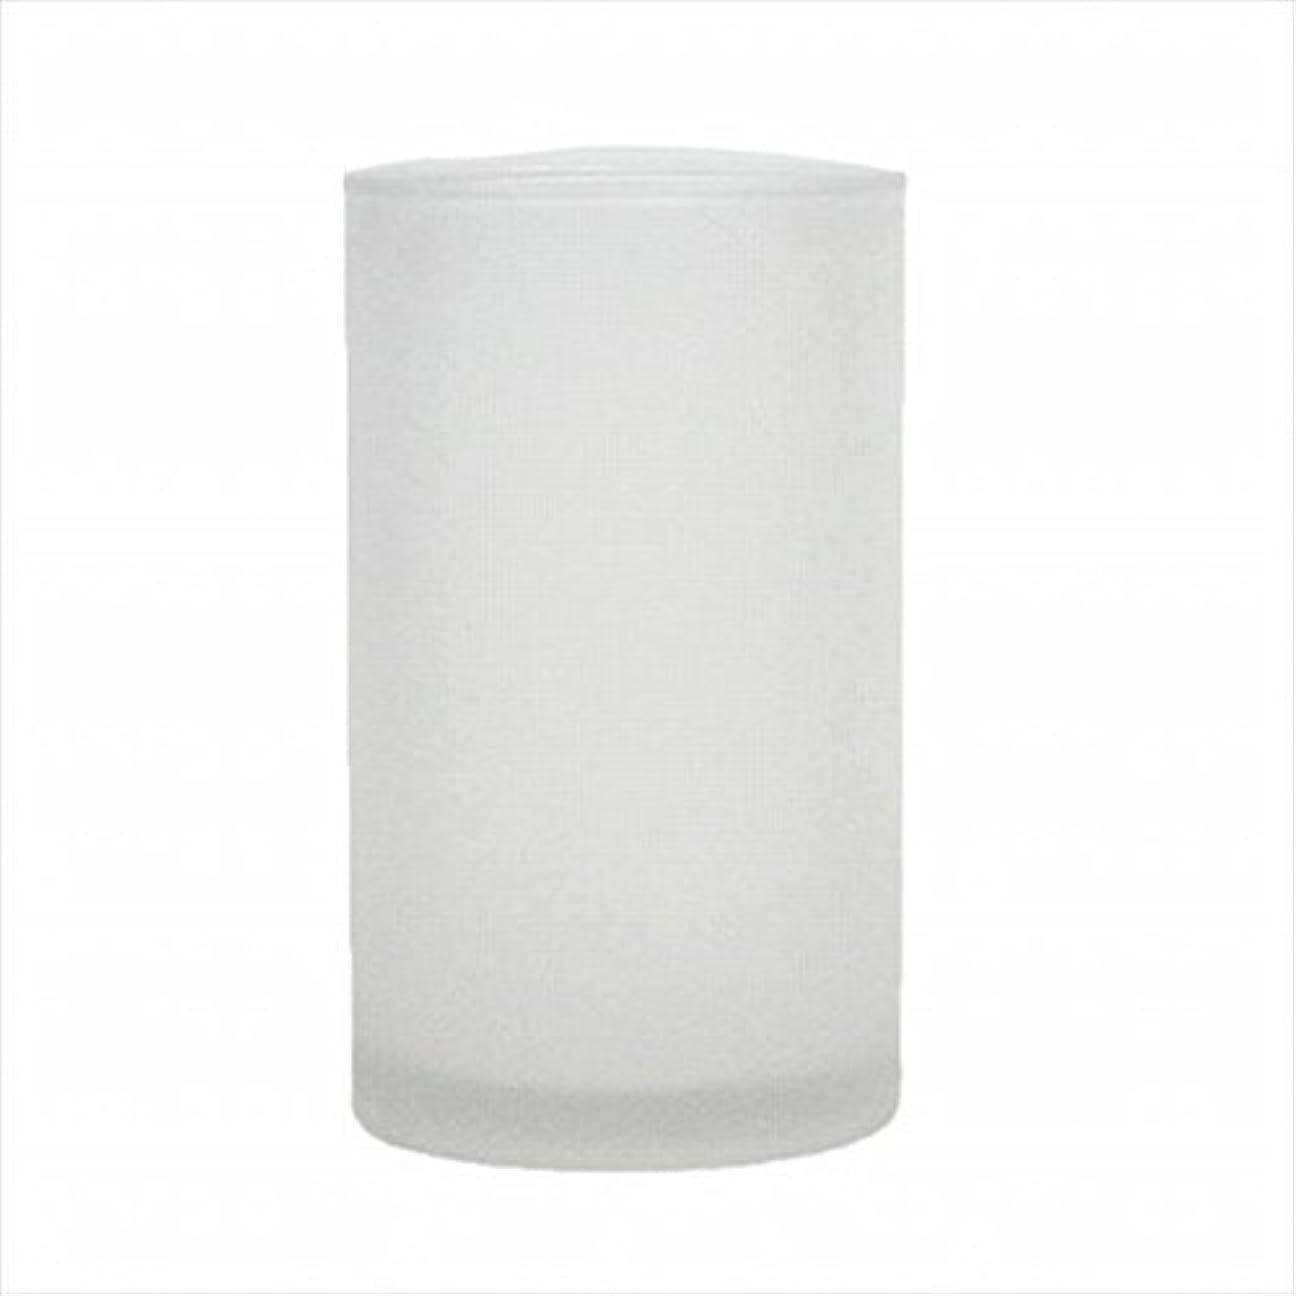 強い配るクラウンkameyama candle(カメヤマキャンドル) モルカグラスSフロスト キャンドル 90x90x155mm (65980000)